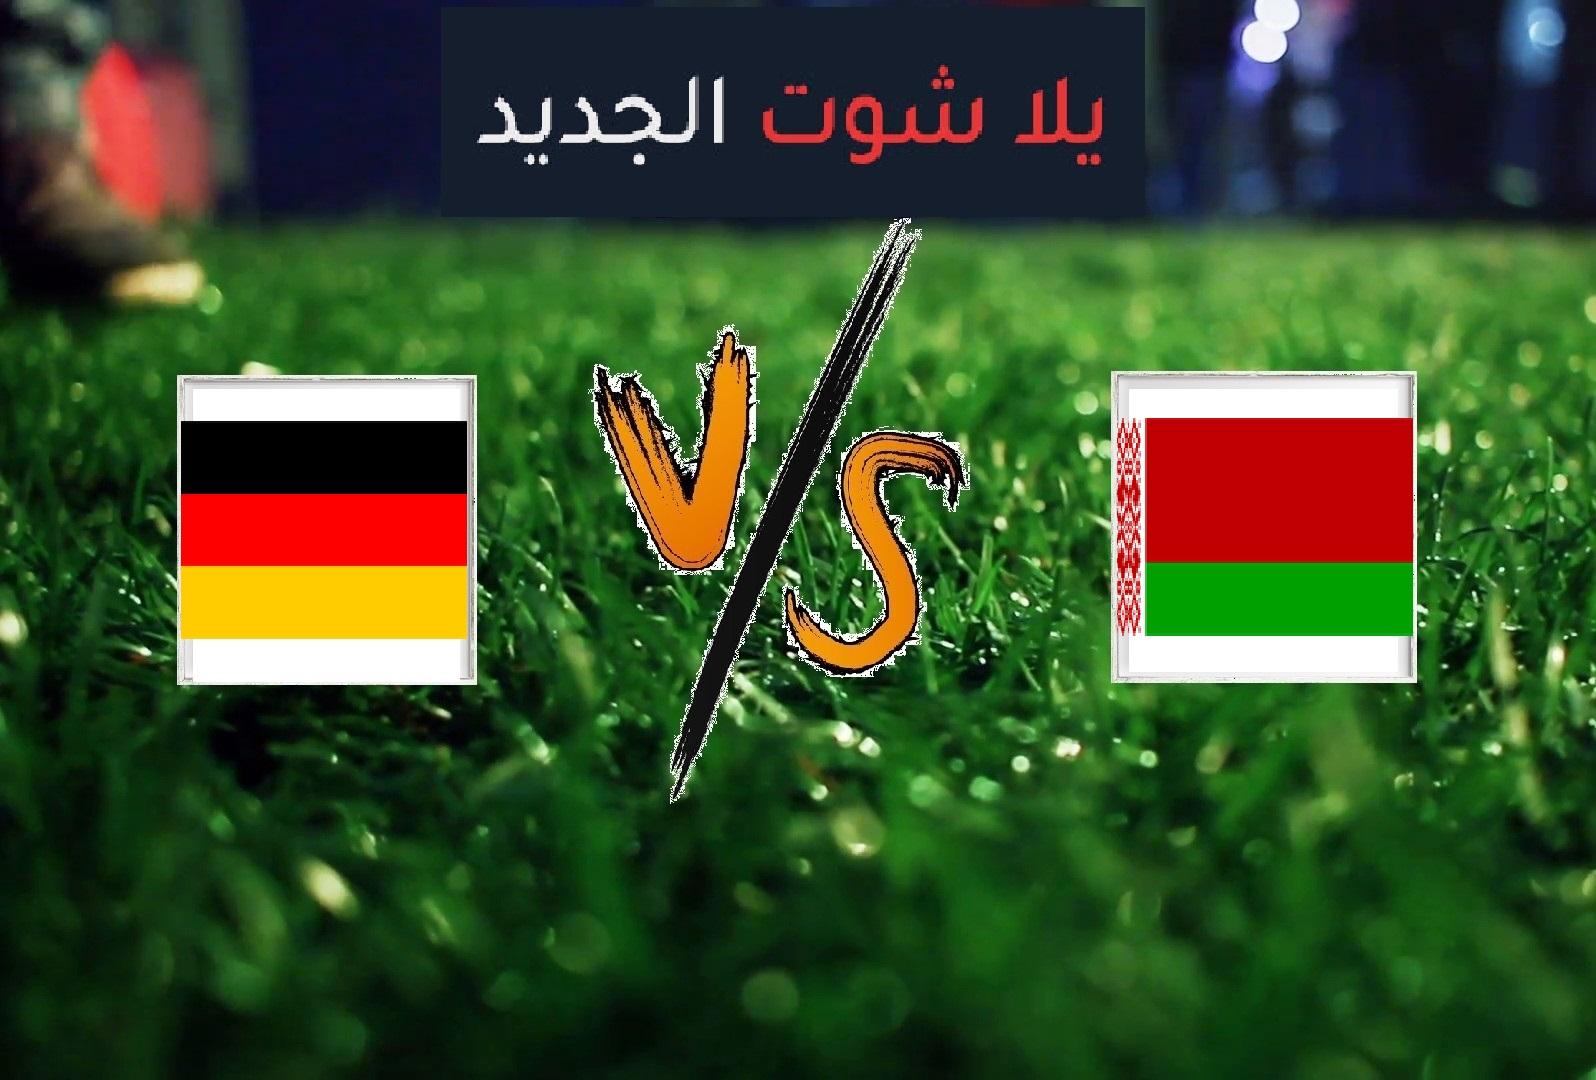 المانيا تفوز على روسيا بهدفين دون رد في التصفيات المؤهلة ليورو 2020